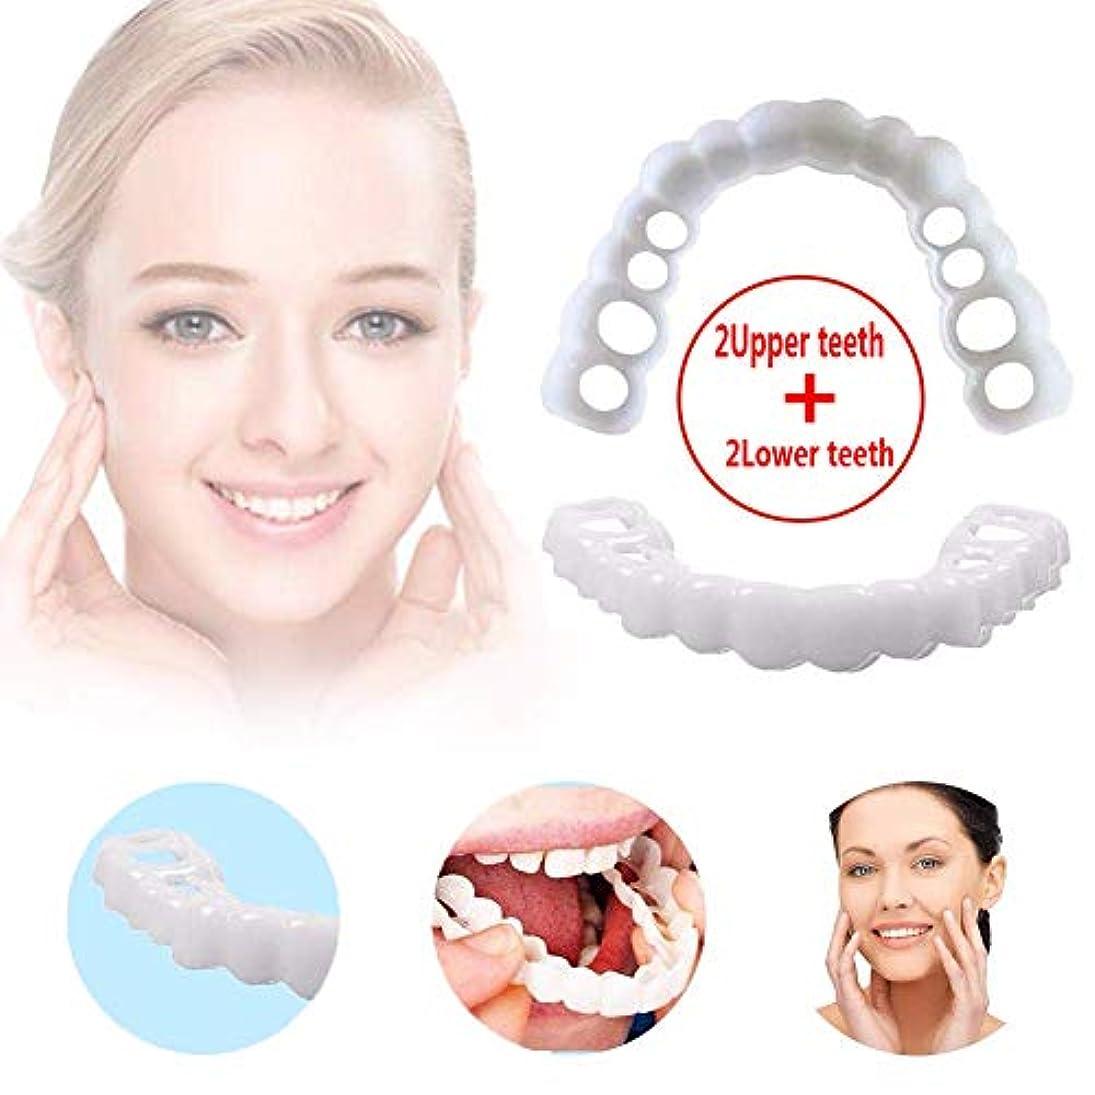 アンケートコモランマベイビー2組の化粧歯一時的なパーフェクトスマイルの快適さ、シミュレーションブレース上部ブレース+下部ブレースホワイトニングティースナップインインスタントパーフェクトベニア,2upperteeth+2lowerteeth